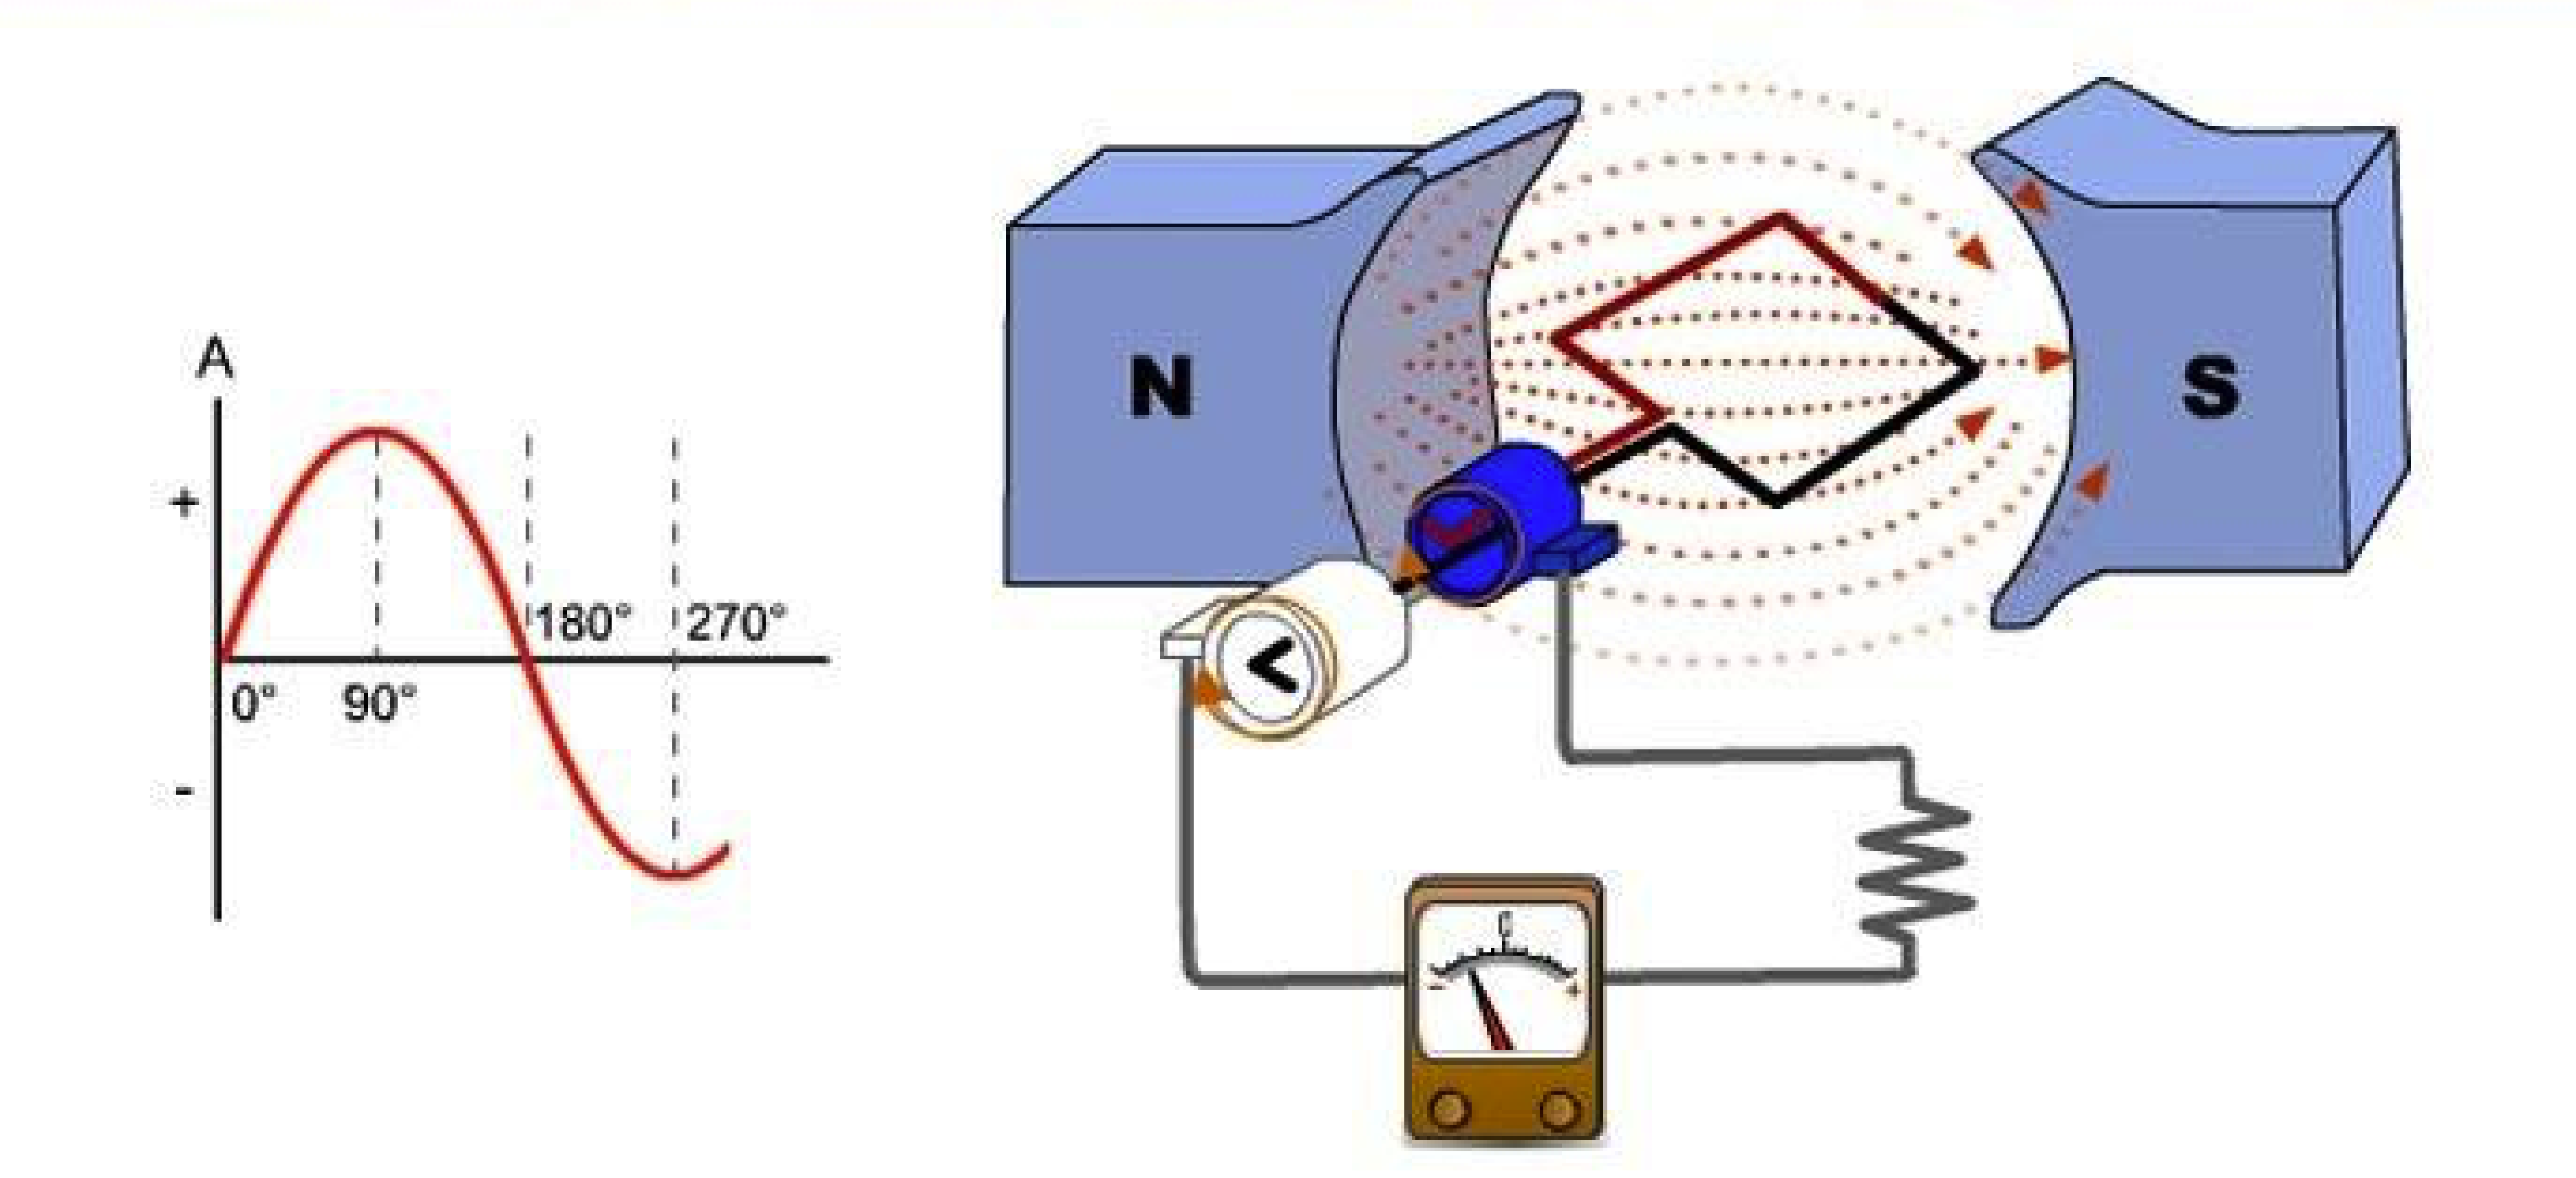 dòng điện xoay chiều là gì